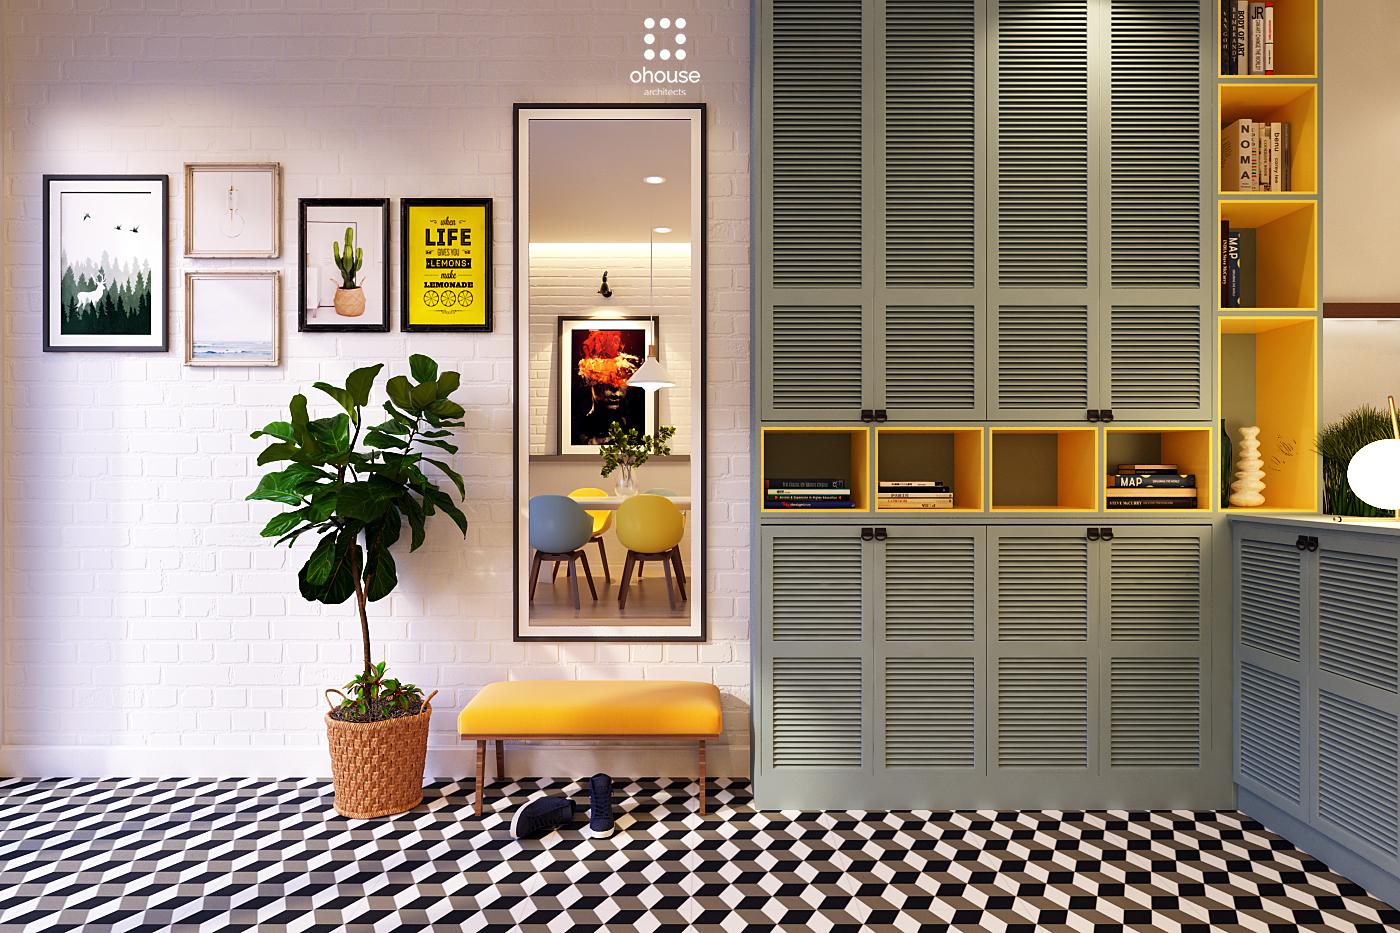 Thiết kế nội thất Nhà Mặt Phố tại Hồ Chí Minh Nội thất Nhà Phố Hà Đô 1590593190 5